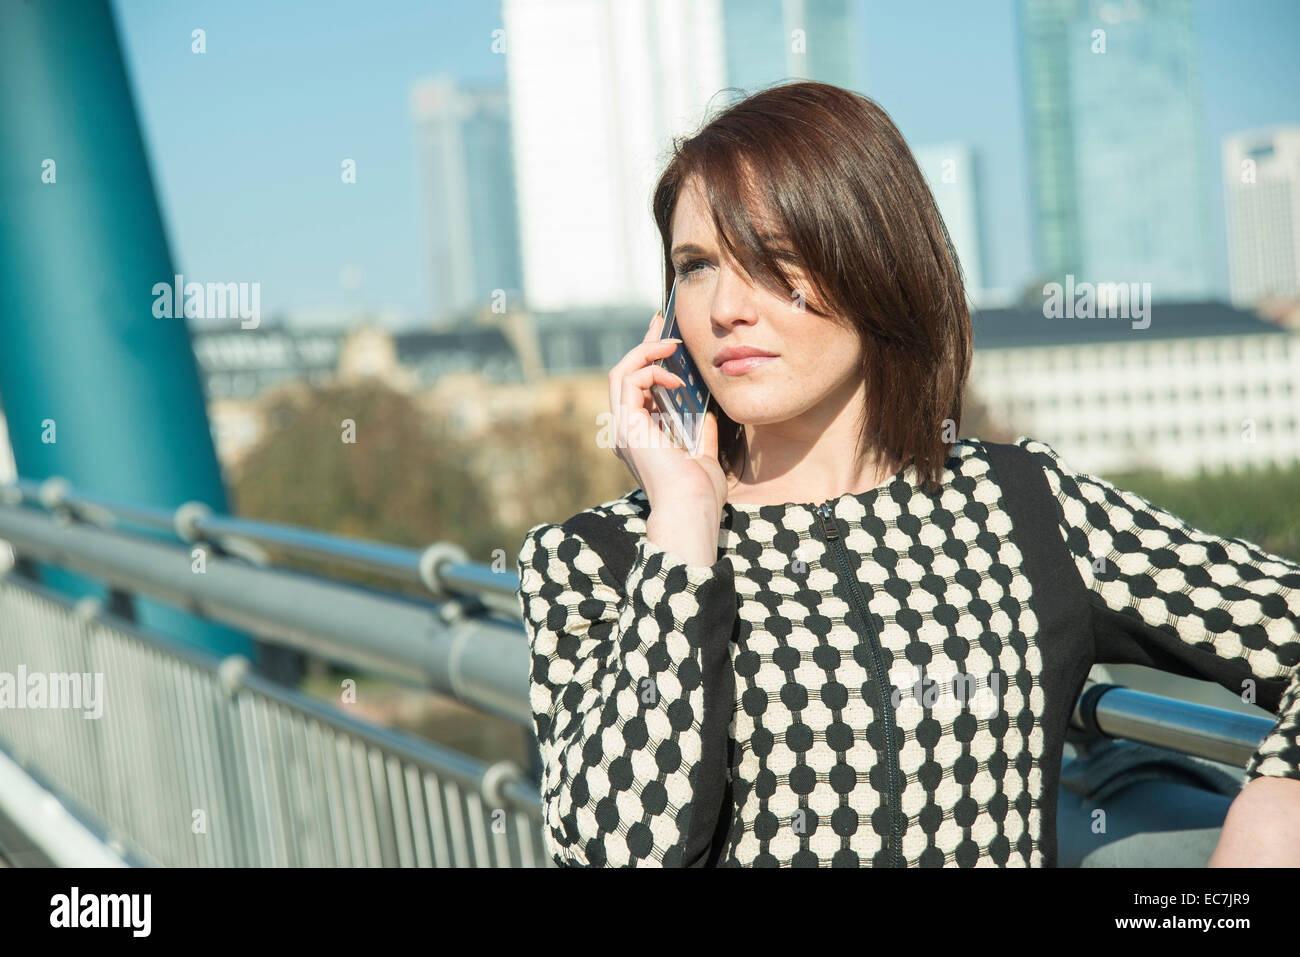 Alemania, Frankfurt, joven empresaria, en el puente sobre el teléfono celular Foto de stock